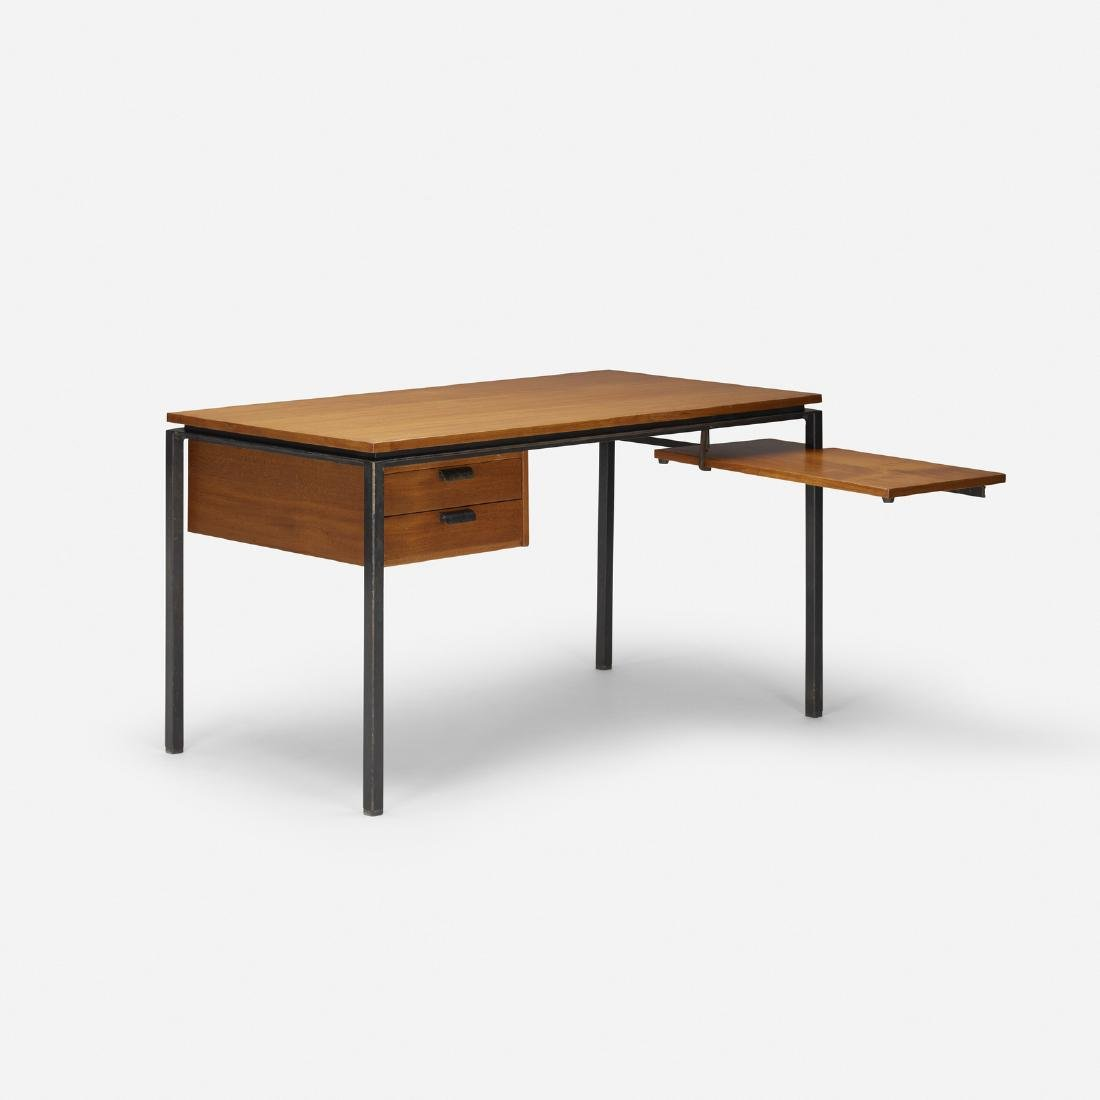 Paolo Tilche, desk